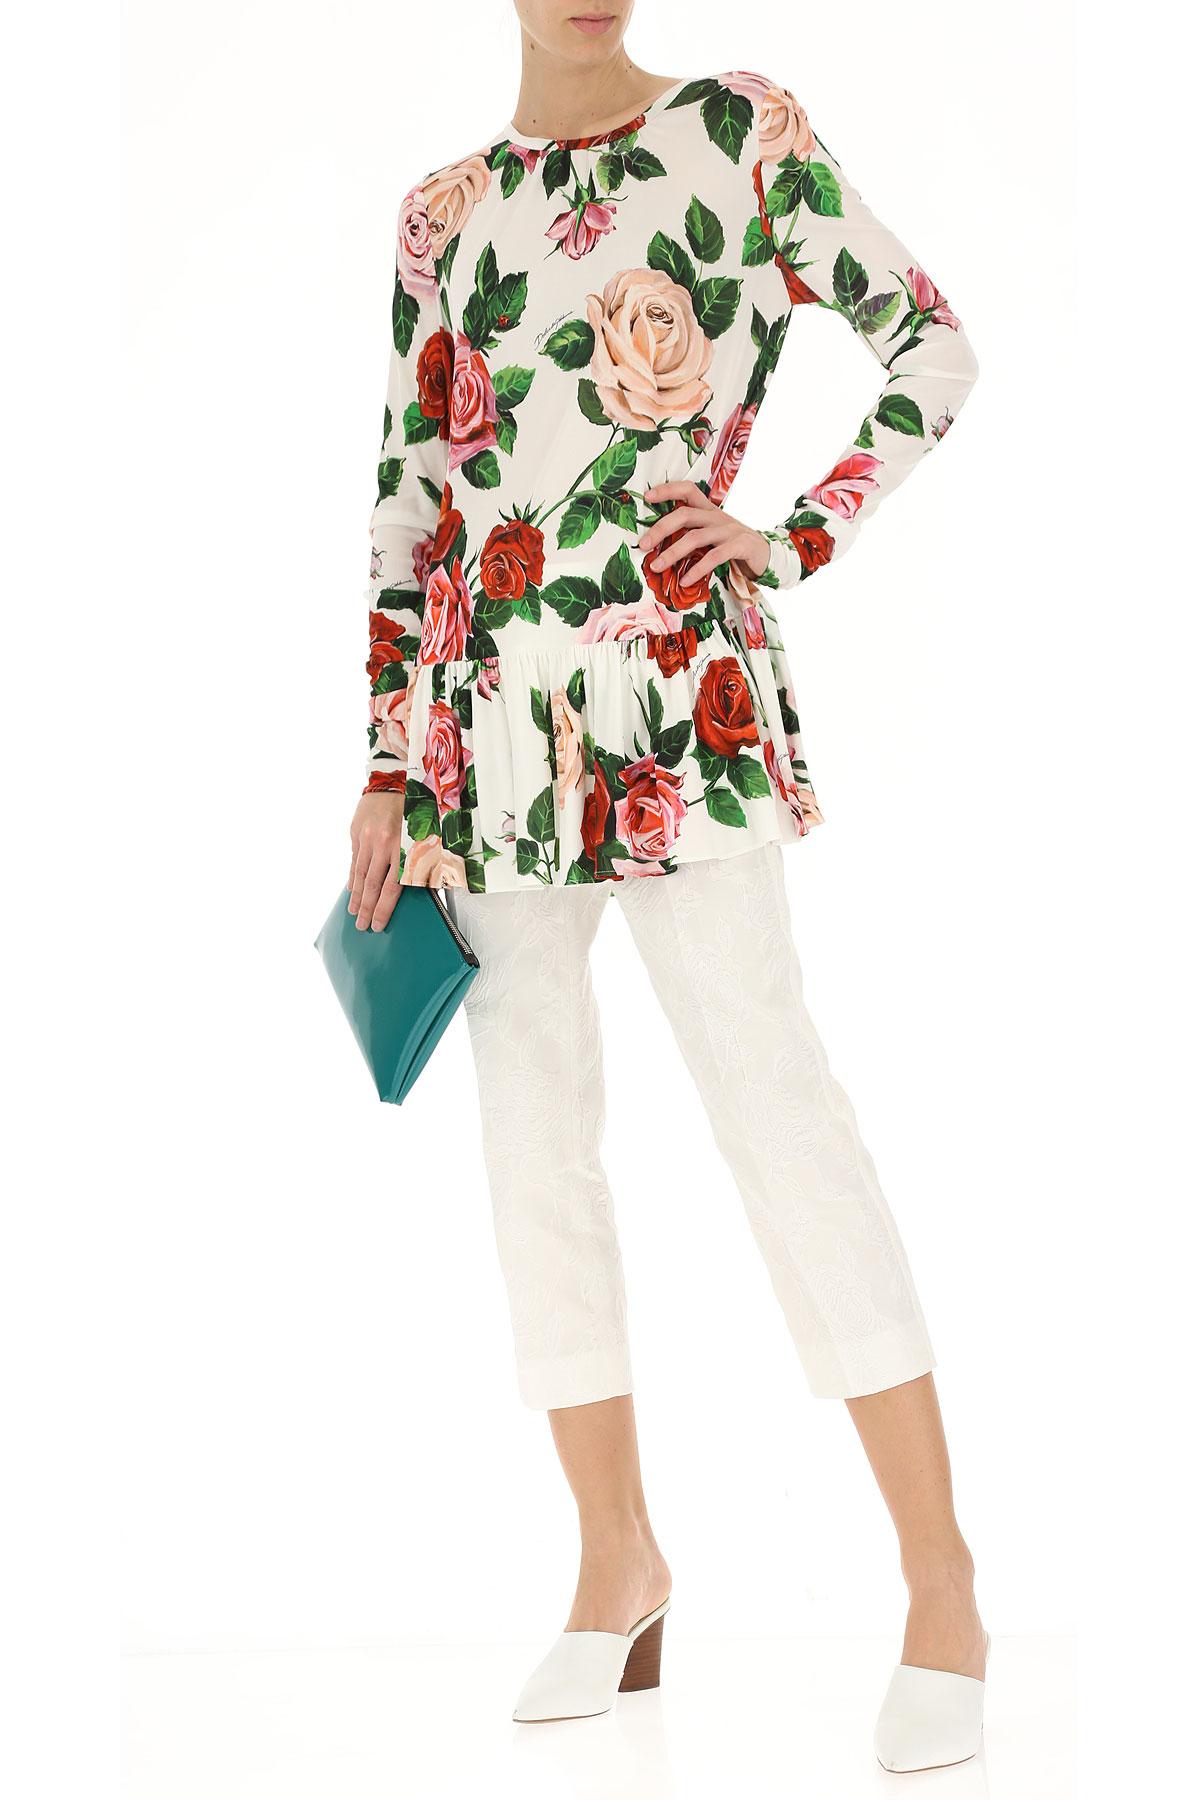 Ropa Dolce amp; Mujer Blanco Gabbana Para verano 2019 Multicolor Primavera rEgxgwfd